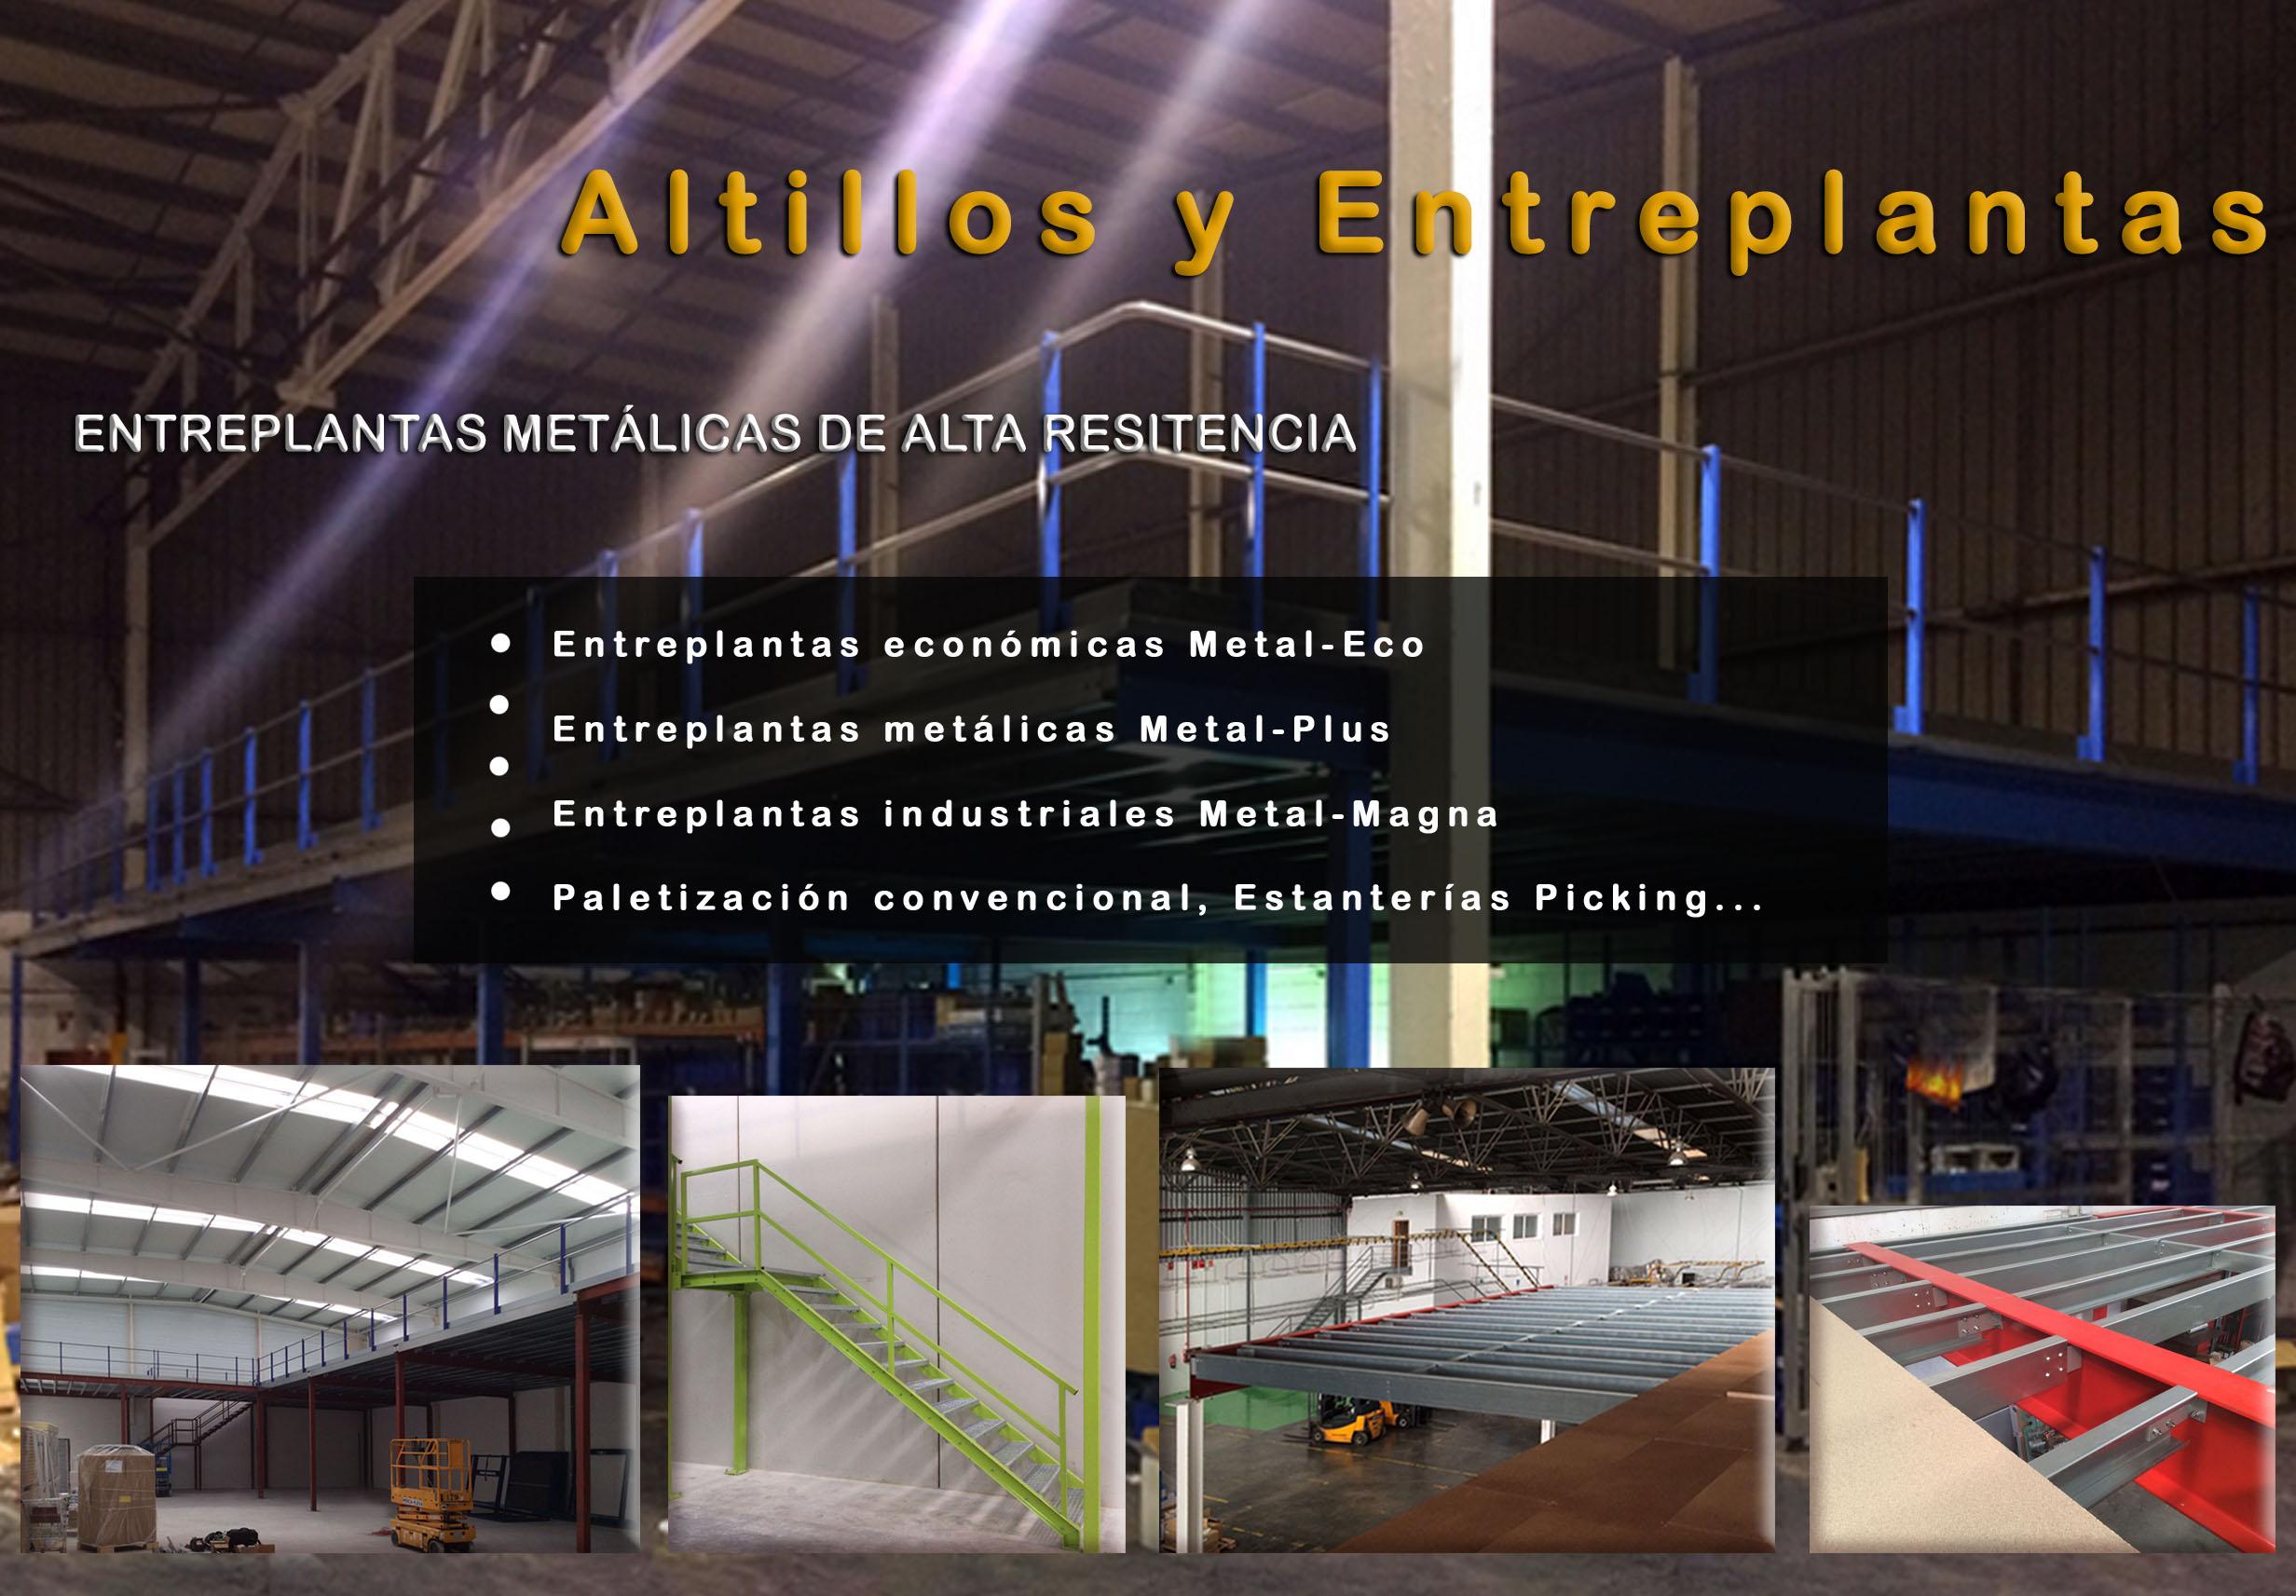 2-mamparas-de-oficinas-en-barcelona-altillos-y-entreplantas-en-barcelona